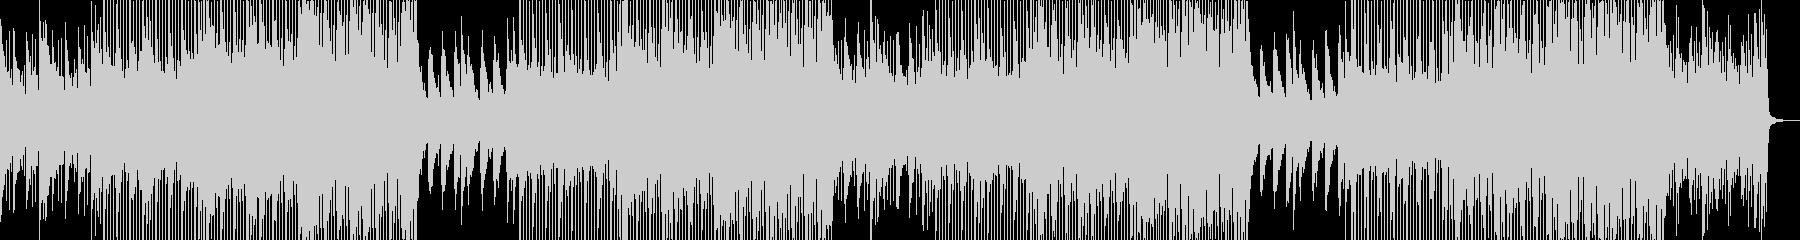 アコギとピアノが爽やかな透明感のある曲の未再生の波形